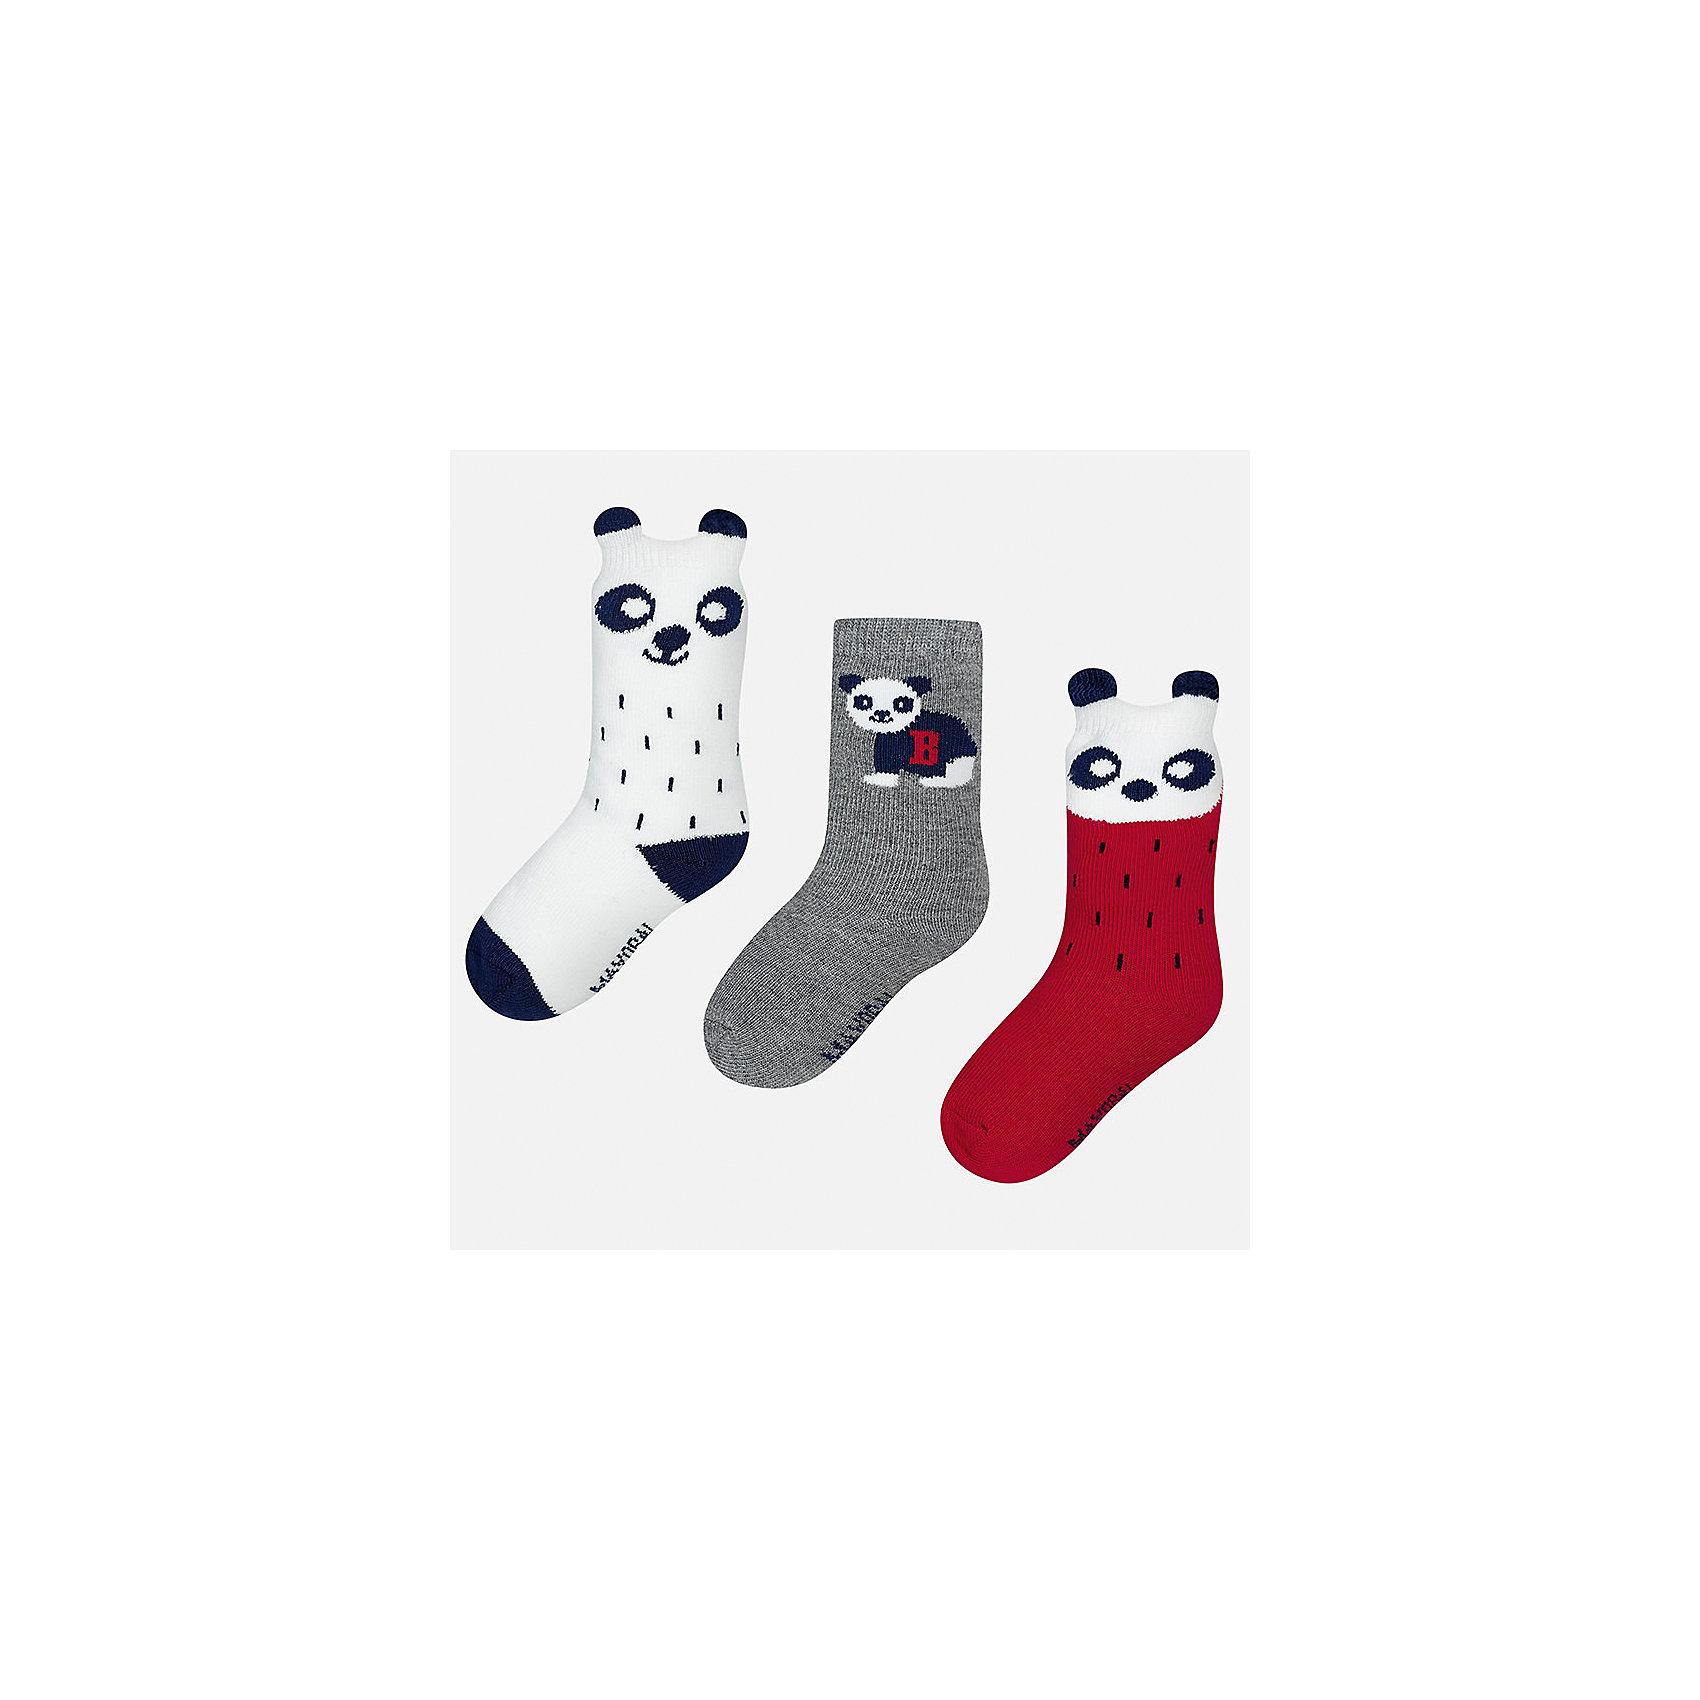 Носки (3 пары) для мальчика MayoralНоски<br>Характеристики товара:<br><br>• цвет: белый/серый/красный<br>• состав ткани: 70% хлопок, 27% полиамид, 3% эластан<br>• сезон: круглый год<br>• комплектация: 3 пары<br>• страна бренда: Испания<br>• страна изготовитель: Индия<br><br>Симпатичные носки для мальчика от популярного бренда Mayoral отличаются оригинальным декором. Детские носки смотрятся аккуратно и нарядно. В таких носках для детей от испанской компании Майорал ребенок будет выглядеть модно, а чувствовать себя - комфортно. <br><br>Носки (3 пары) для мальчика Mayoral (Майорал) можно купить в нашем интернет-магазине.<br><br>Ширина мм: 87<br>Глубина мм: 10<br>Высота мм: 105<br>Вес г: 115<br>Цвет: разноцветный<br>Возраст от месяцев: 18<br>Возраст до месяцев: 24<br>Пол: Мужской<br>Возраст: Детский<br>Размер: 22-24,19-22<br>SKU: 6939037